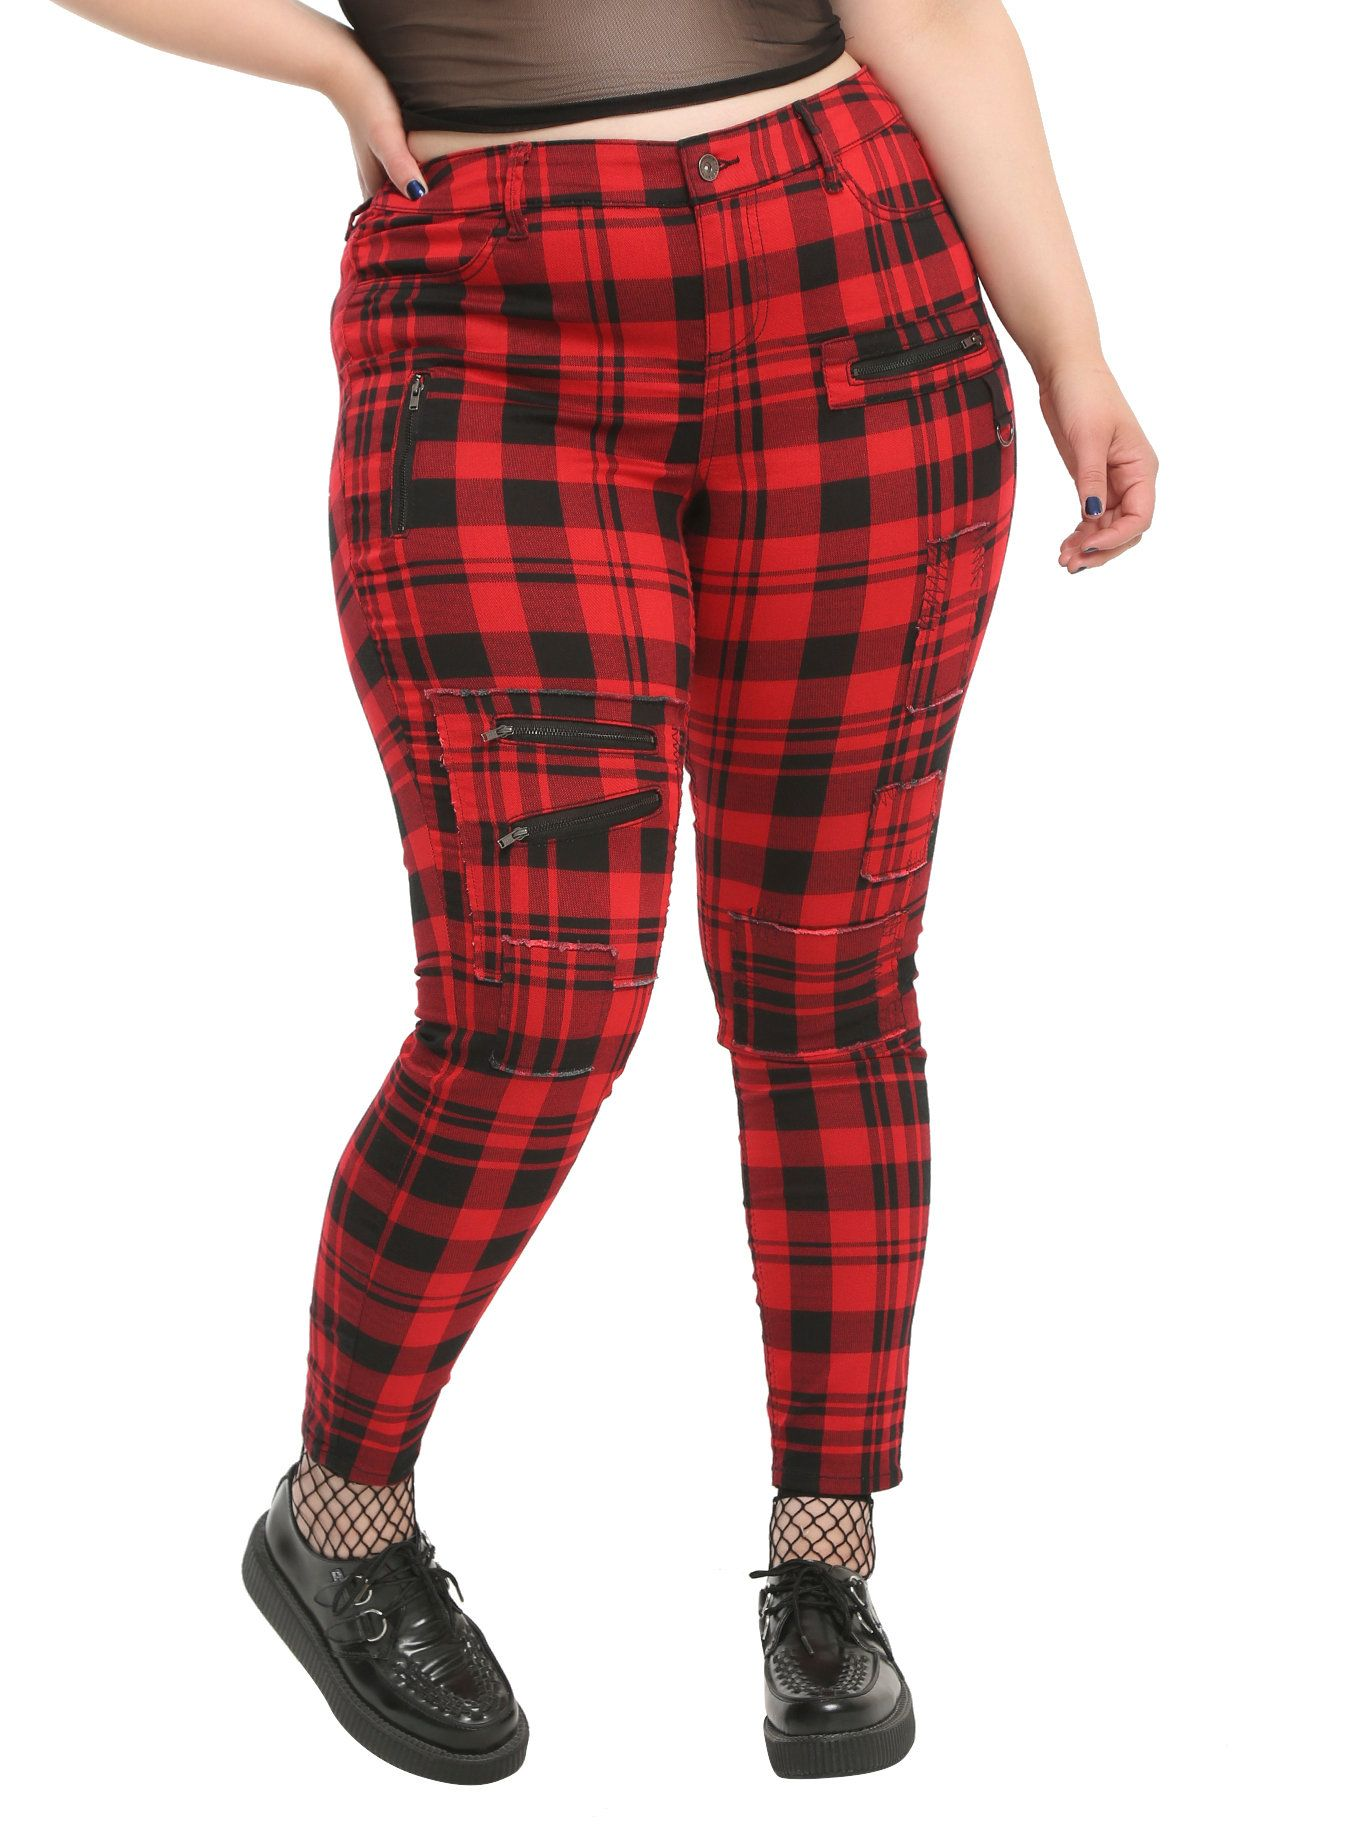 084e039377a Blackheart Red   Black Plaid Super Skinny Pants Plus Size ...